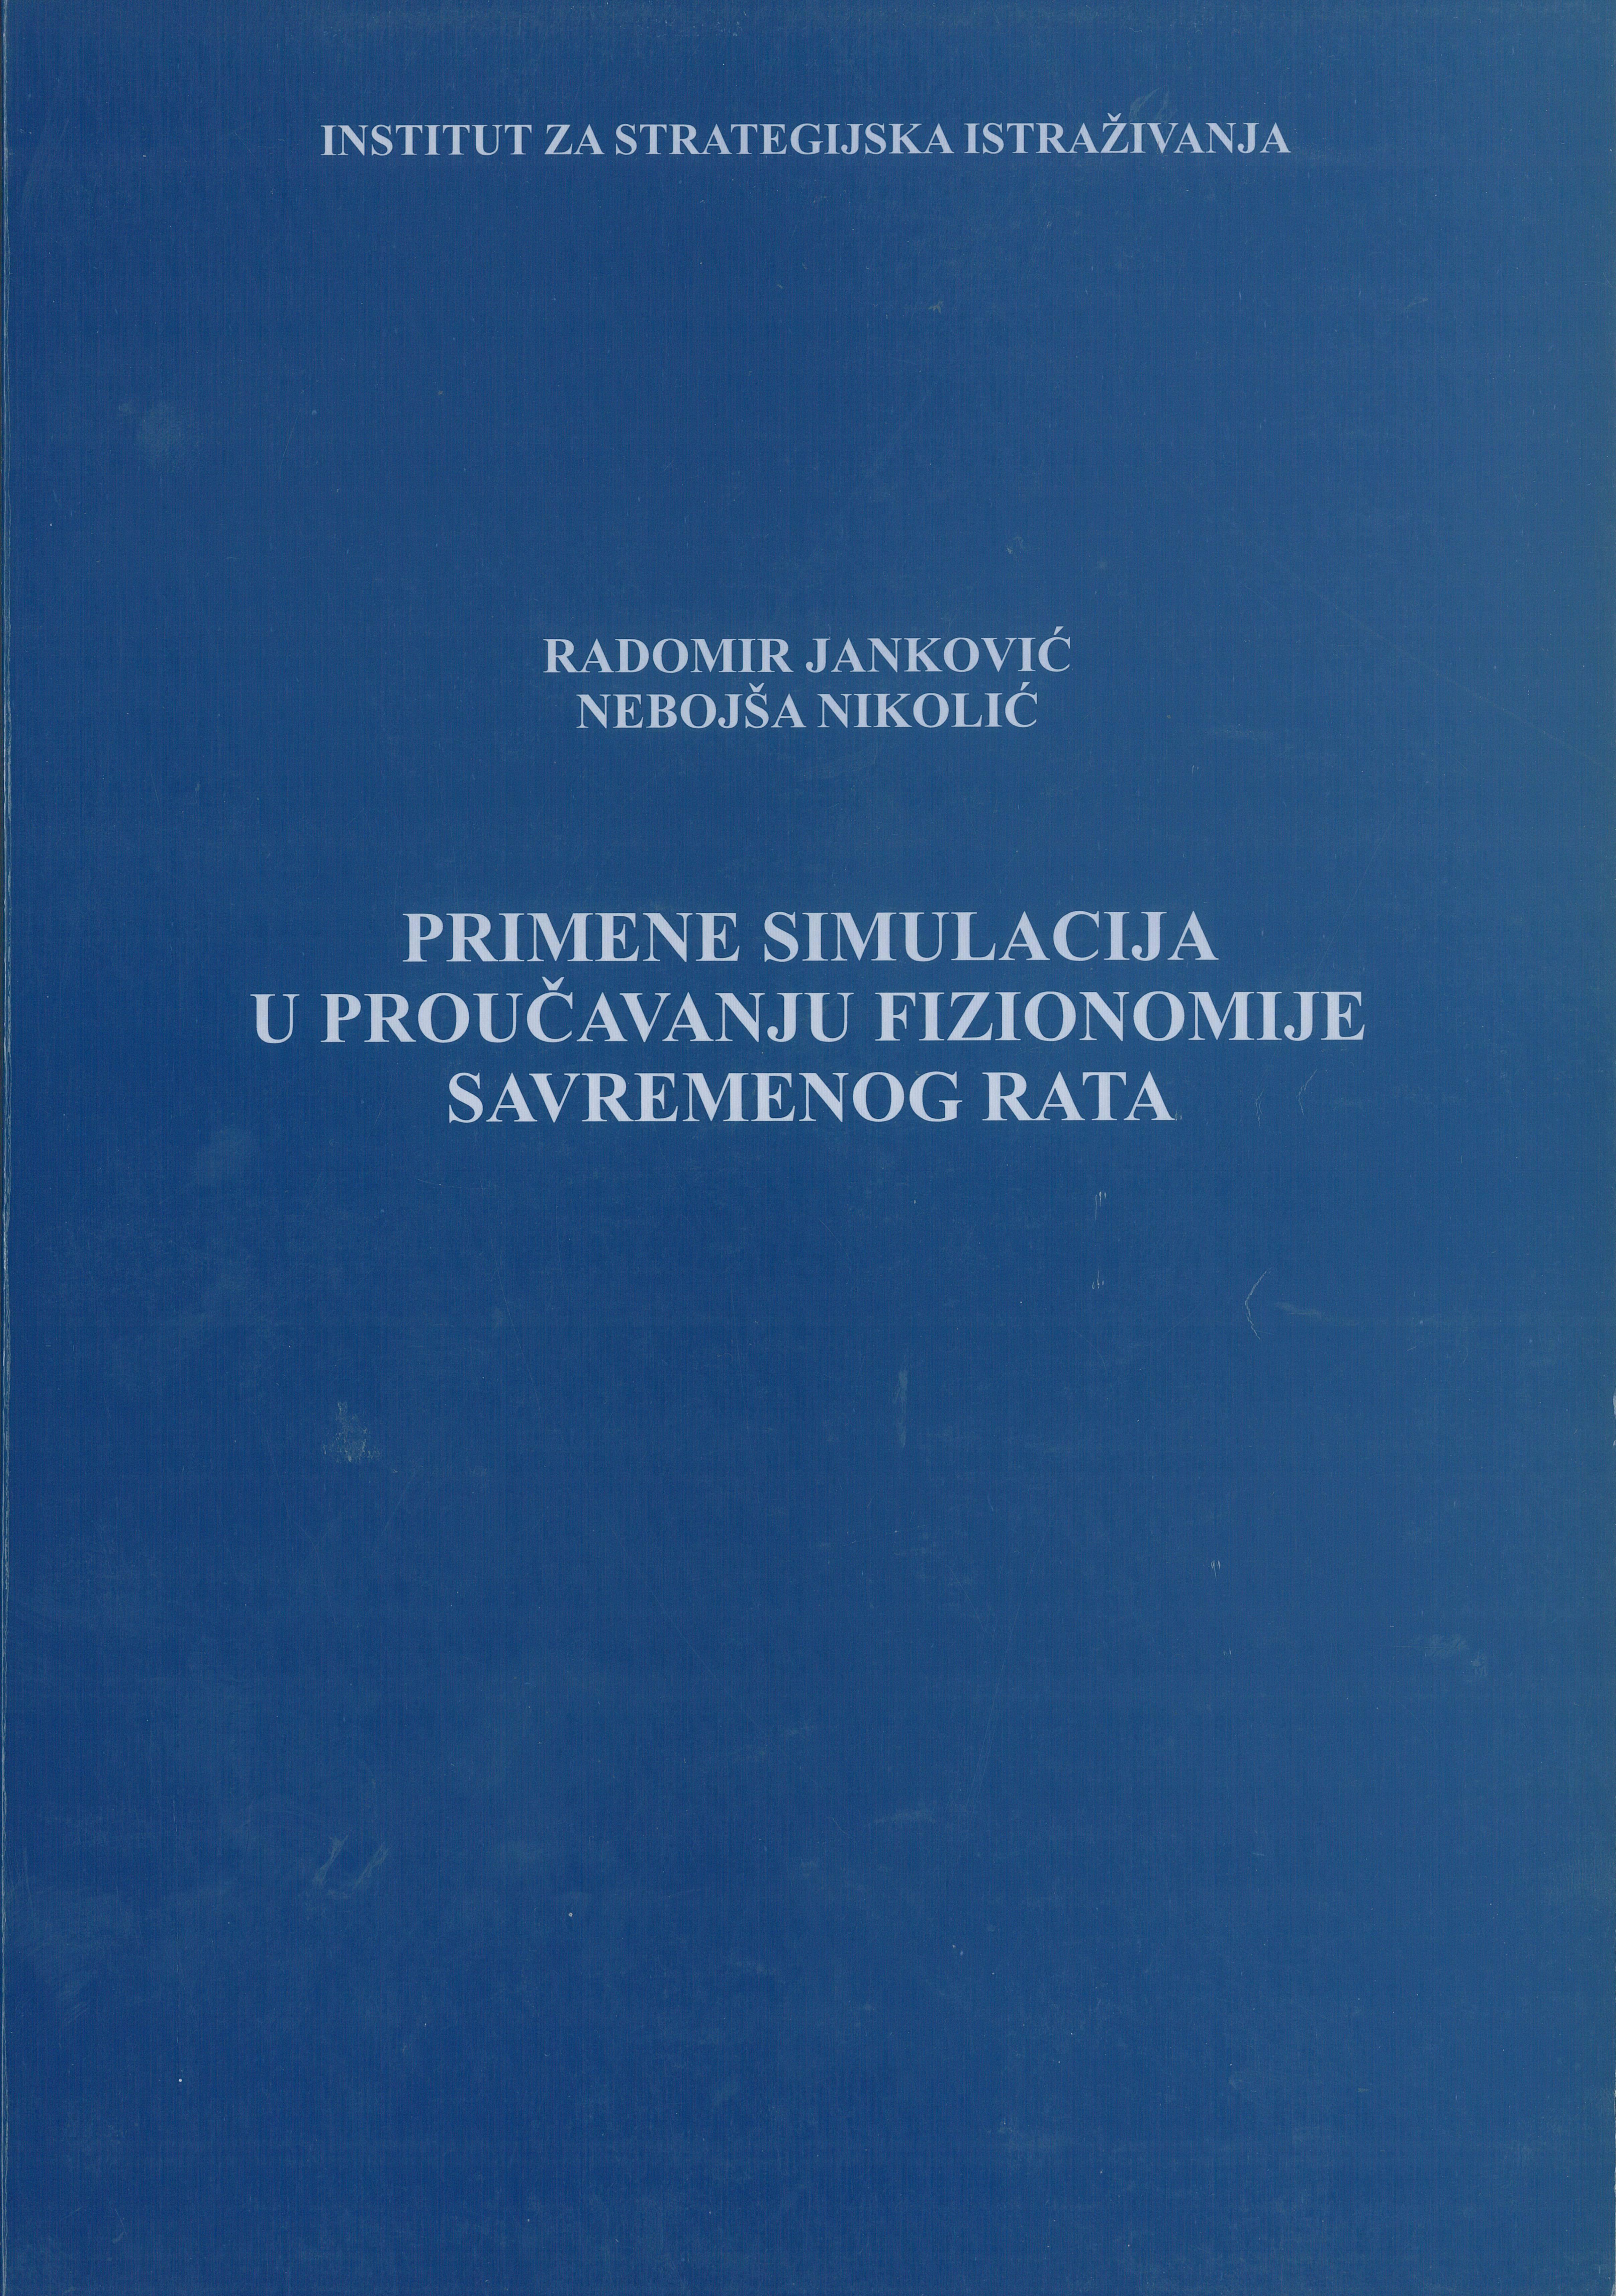 dr Radomir Janković dr Nebojša Nikolić Primene simulacija u proučavanju fizionomije savremenog rata